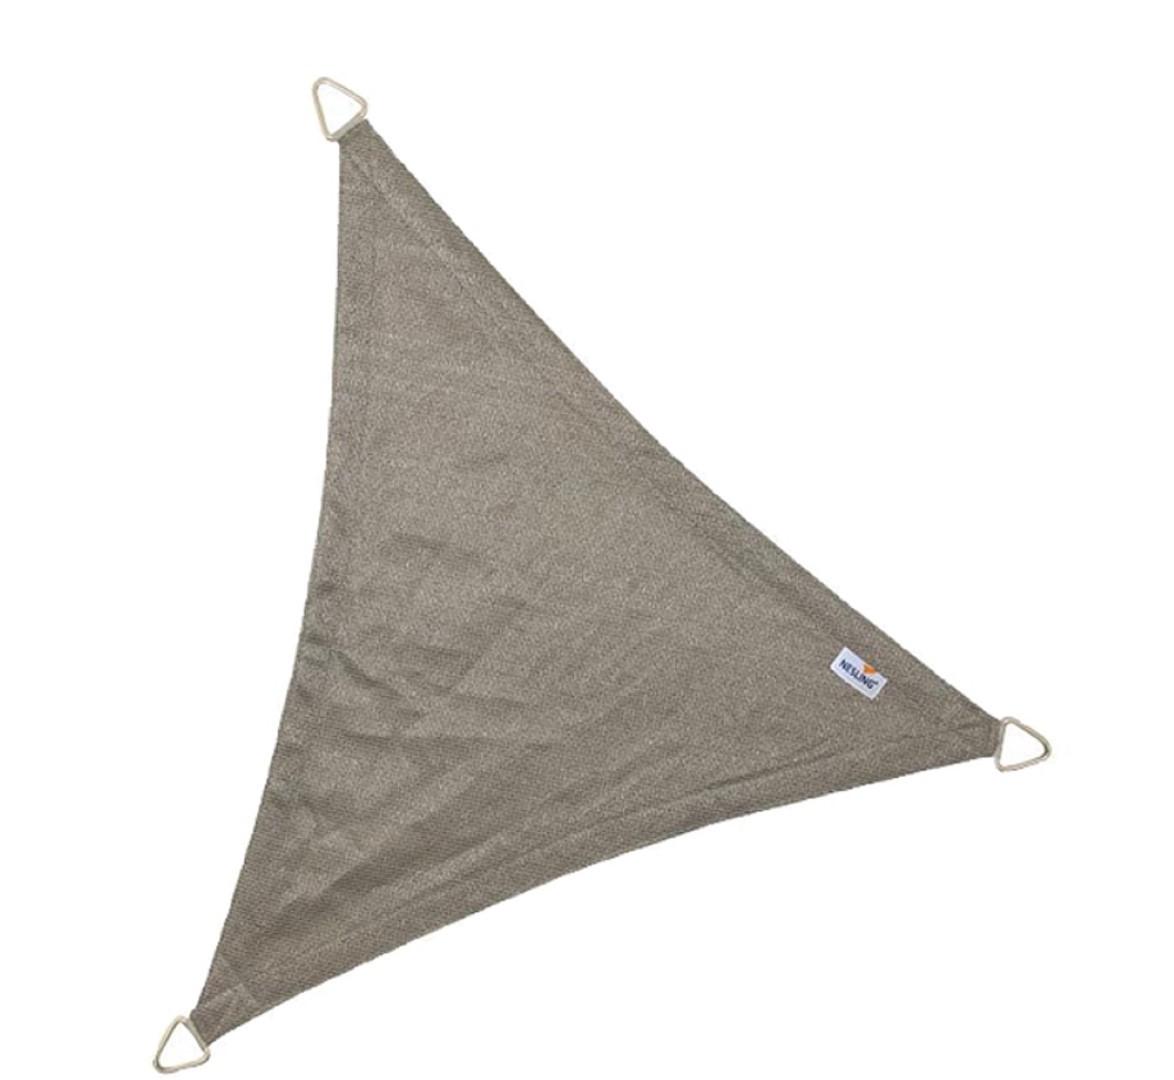 Driehoek 5,0 x 5,0 x 5,0m, Antraciet